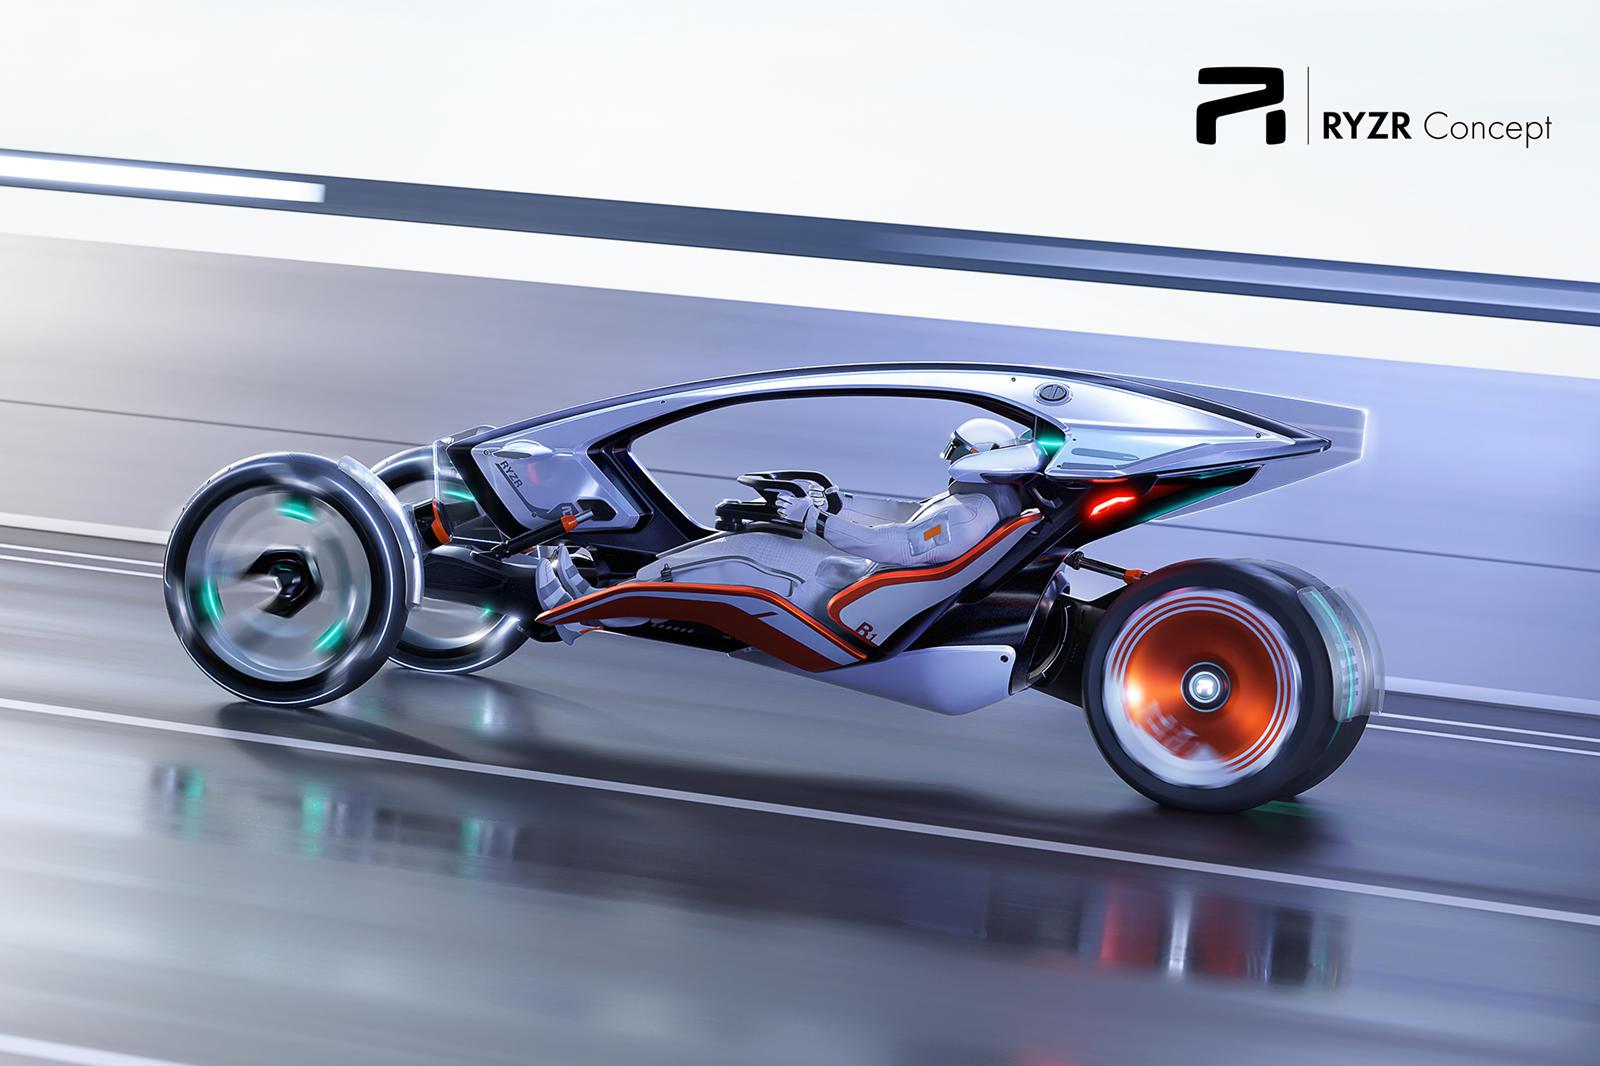 R-RYZR: Η Επιστημονική Φαντασία μπαίνει στους 4 τροχούς